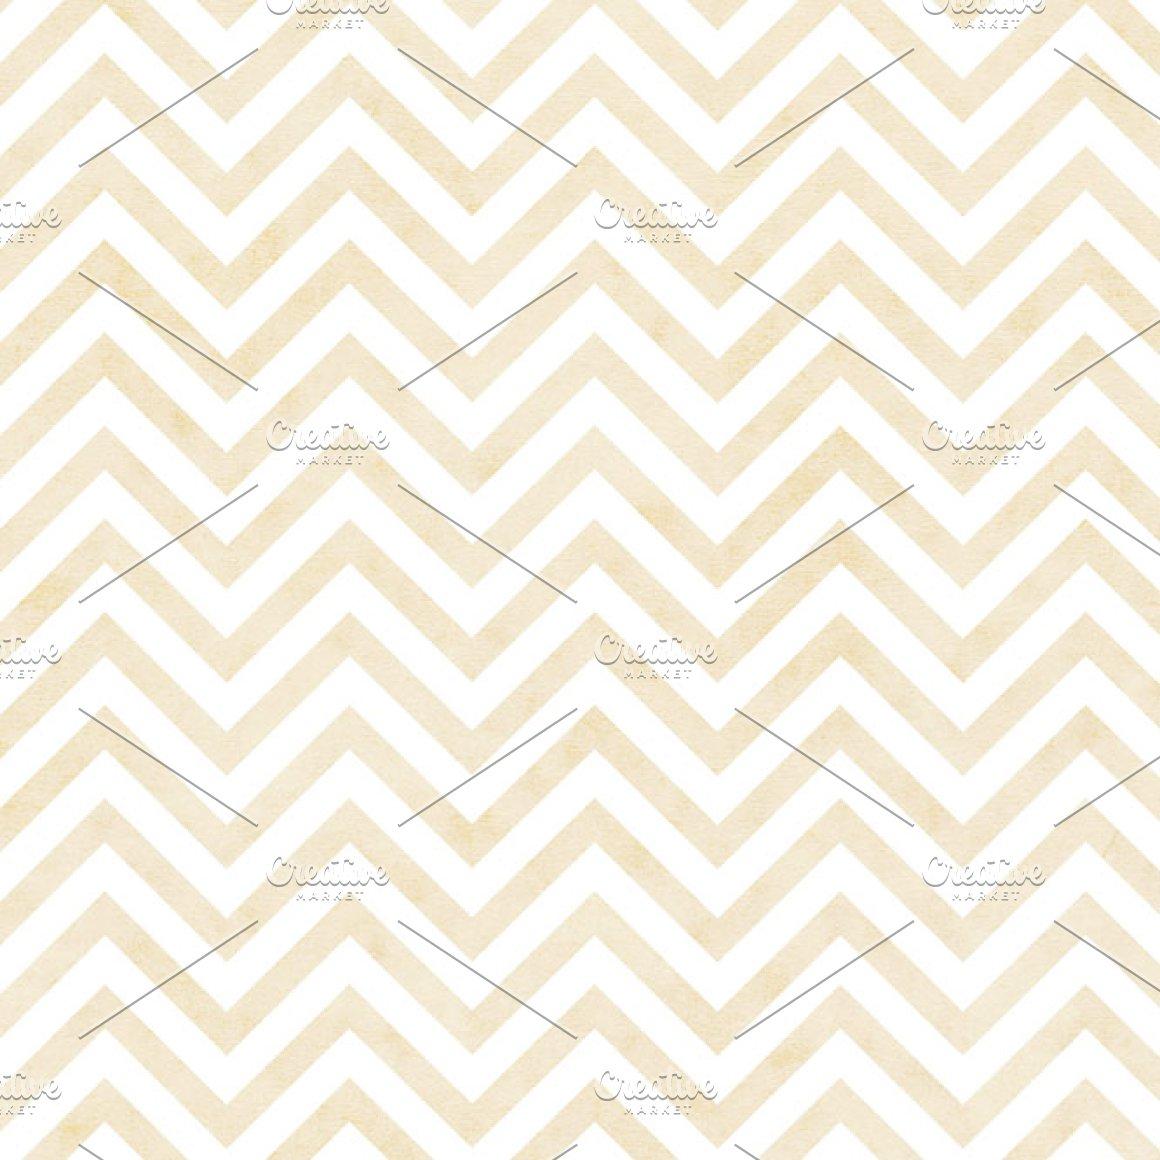 12款玫瑰金箔手绘水彩背景图片设计素材 Shimmery Gold & Watercolor Patterns插图4